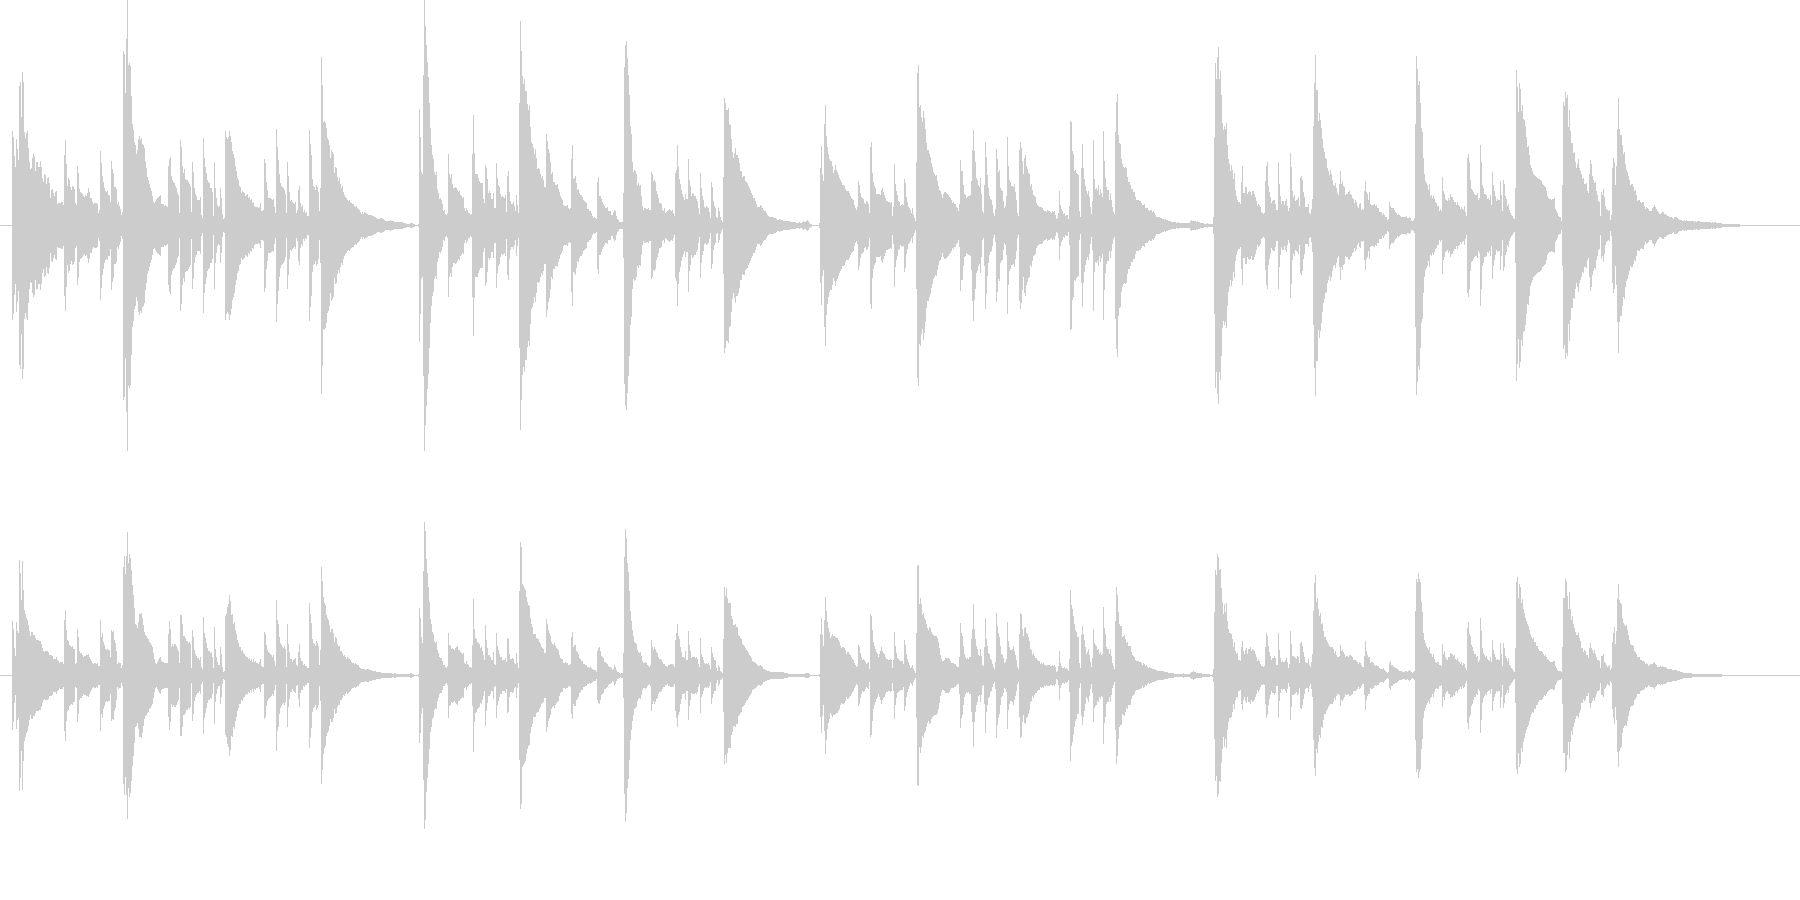 感動的なアコギのみの曲1【生演奏】の未再生の波形